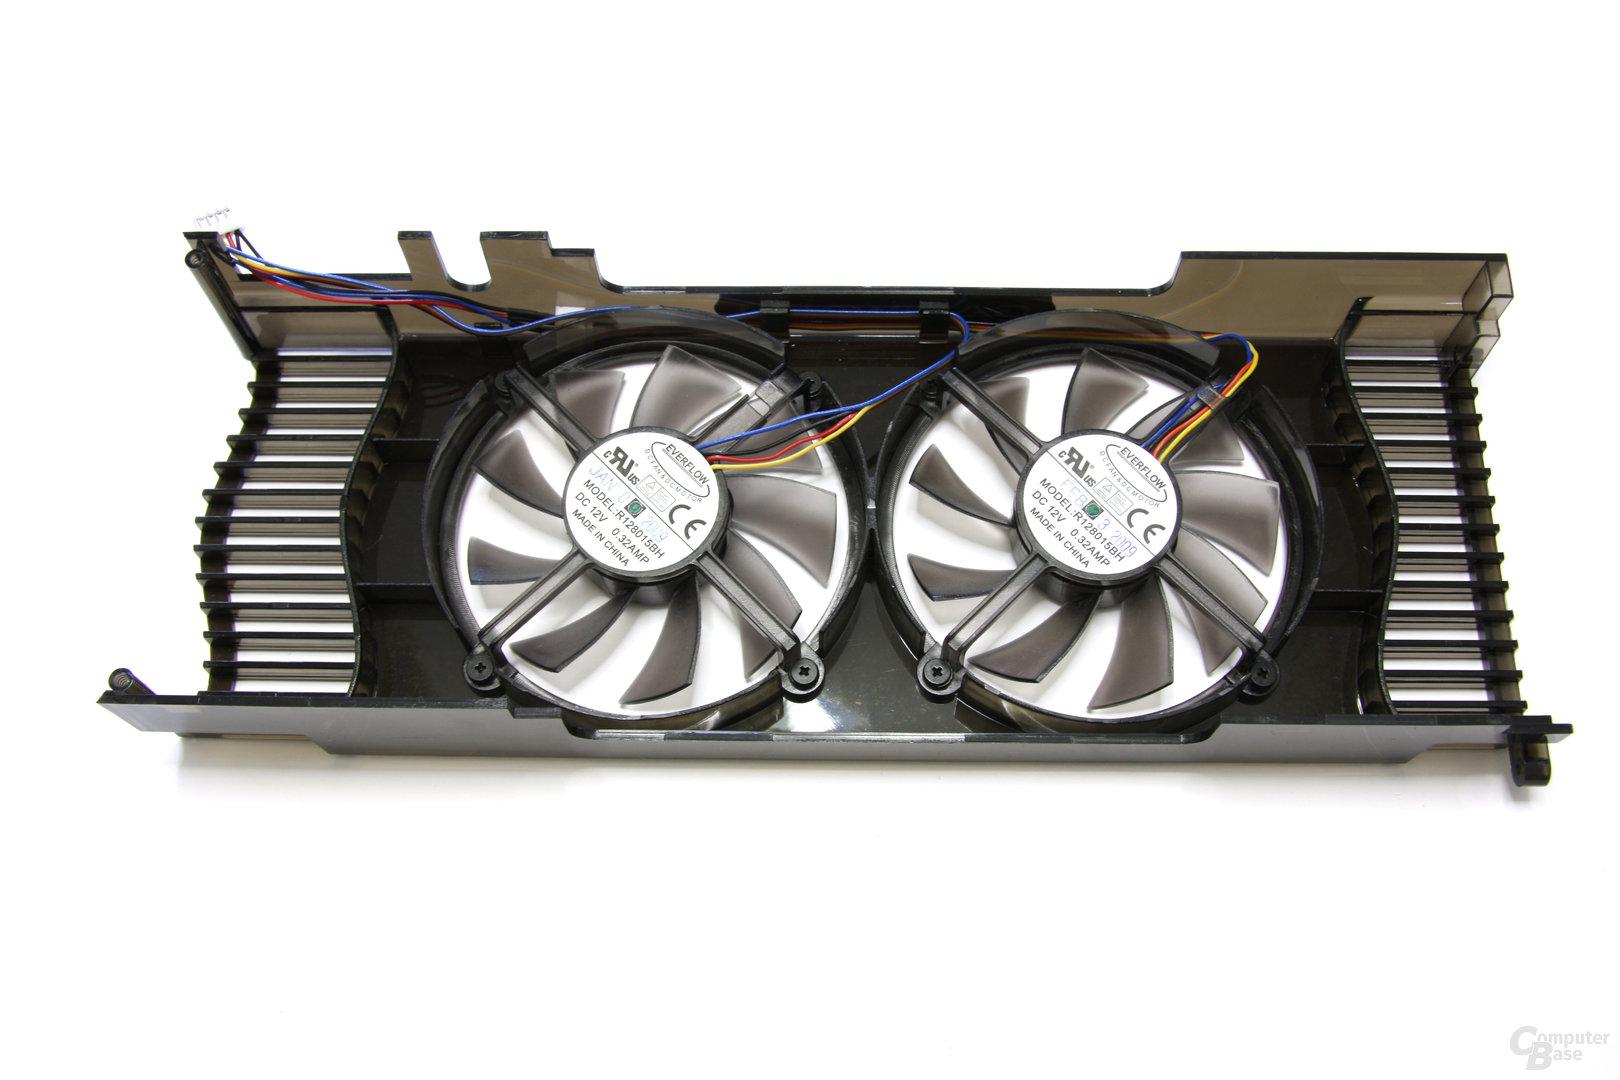 GeForce GTX 260 GS GLH Lüfterrückseite